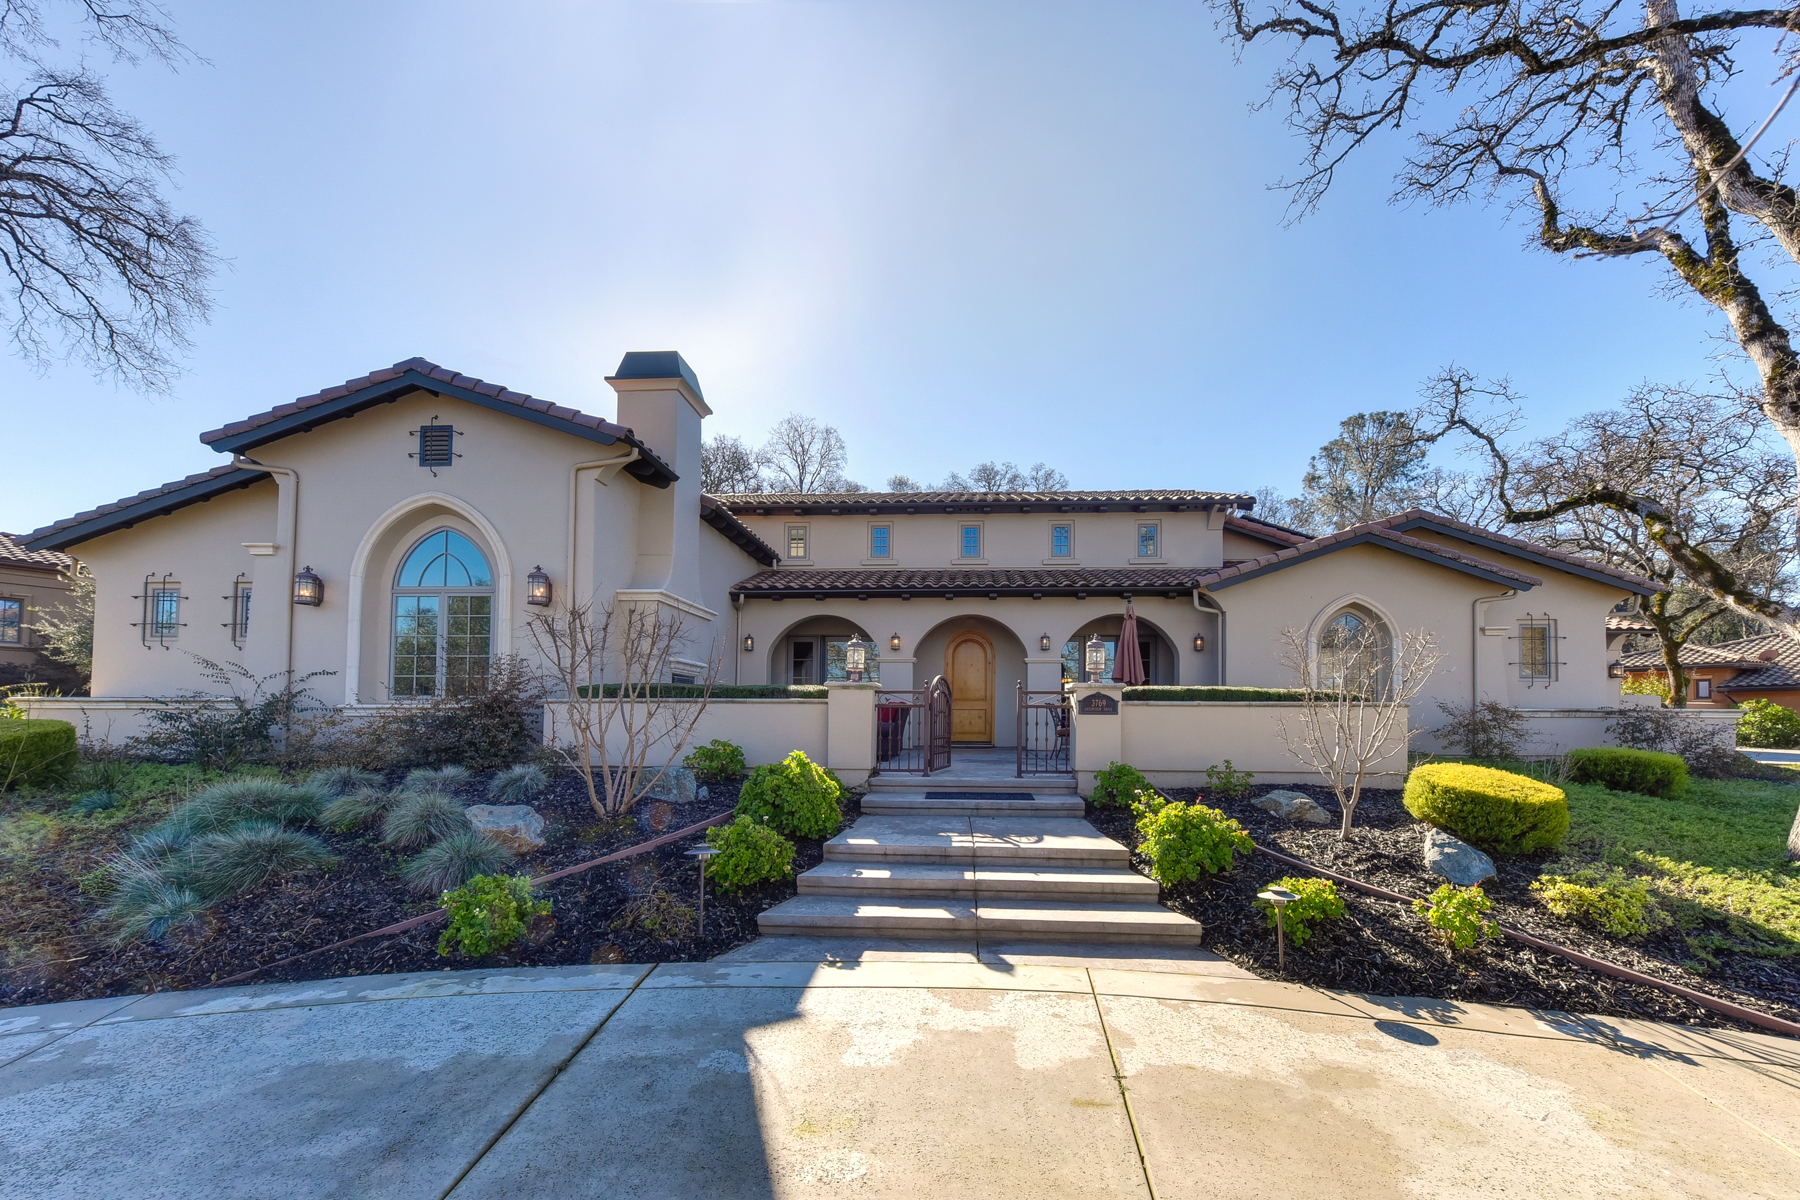 Casa Unifamiliar por un Venta en 3769 Greenview Drive, El Dorado Hills, CA 95762 El Dorado Hills, California 95762 Estados Unidos